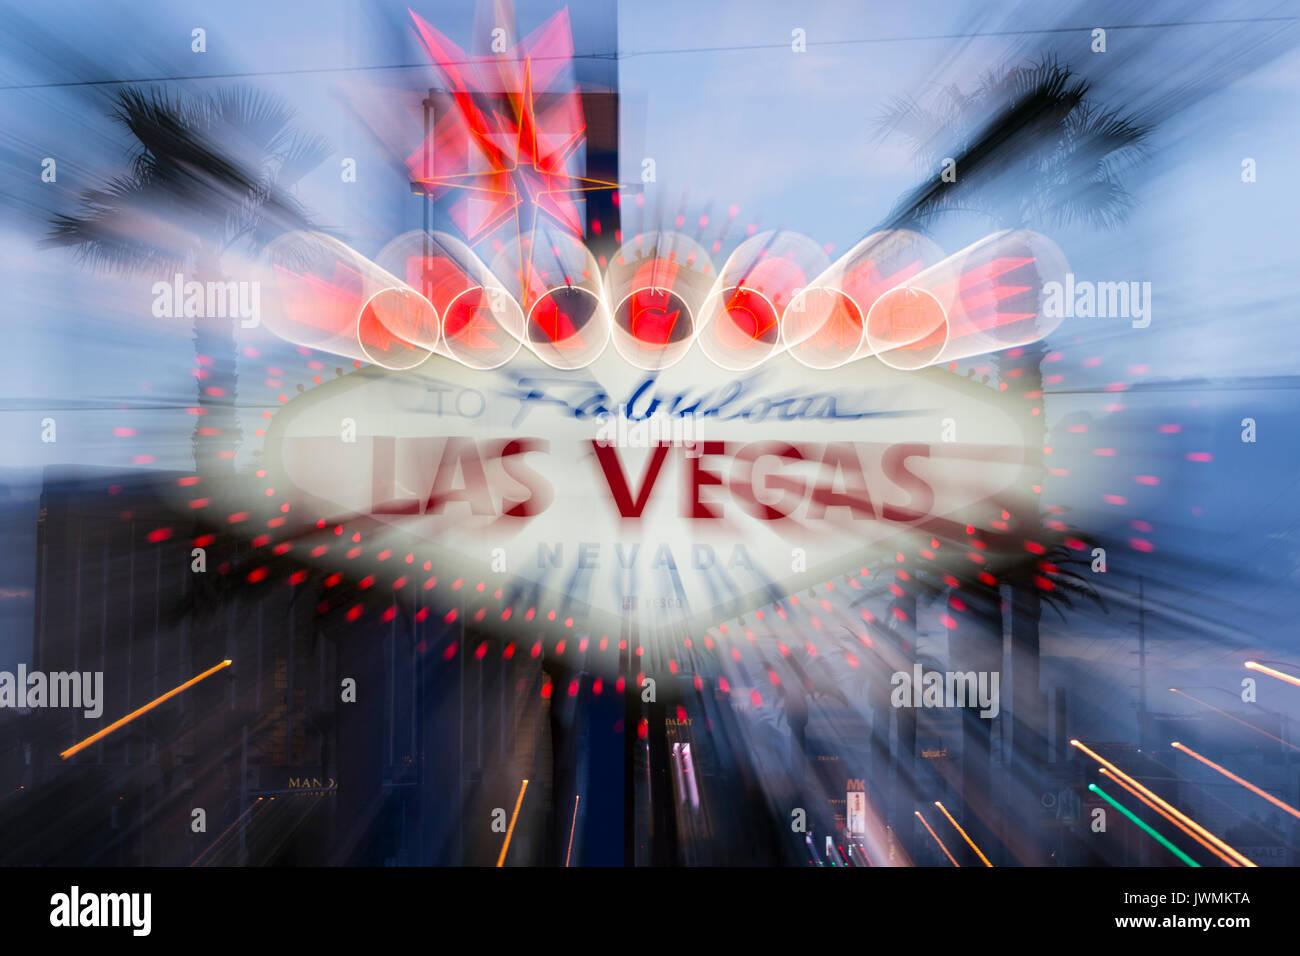 L'iconico 'Benvenuti al favoloso Las Vegas' insegna al neon che accoglie i visitatori di Las Vegas in viaggio verso nord sulla Strip di Las Vegas. Immagini Stock